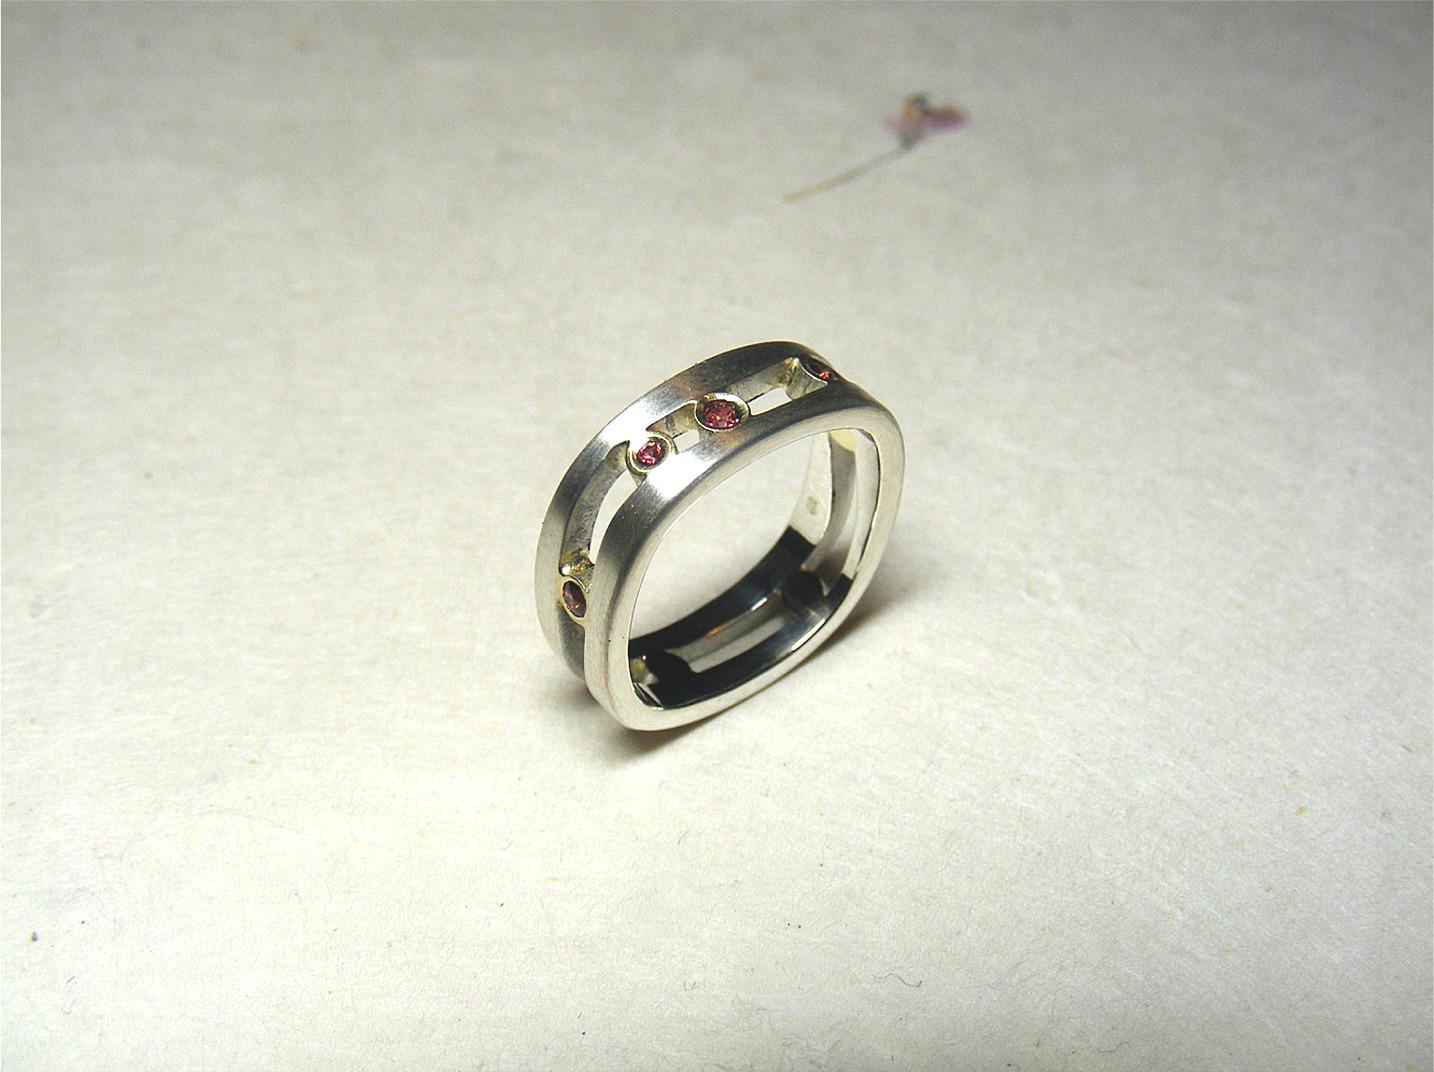 zilver, 14kt geelgoud en roodbruine korunden